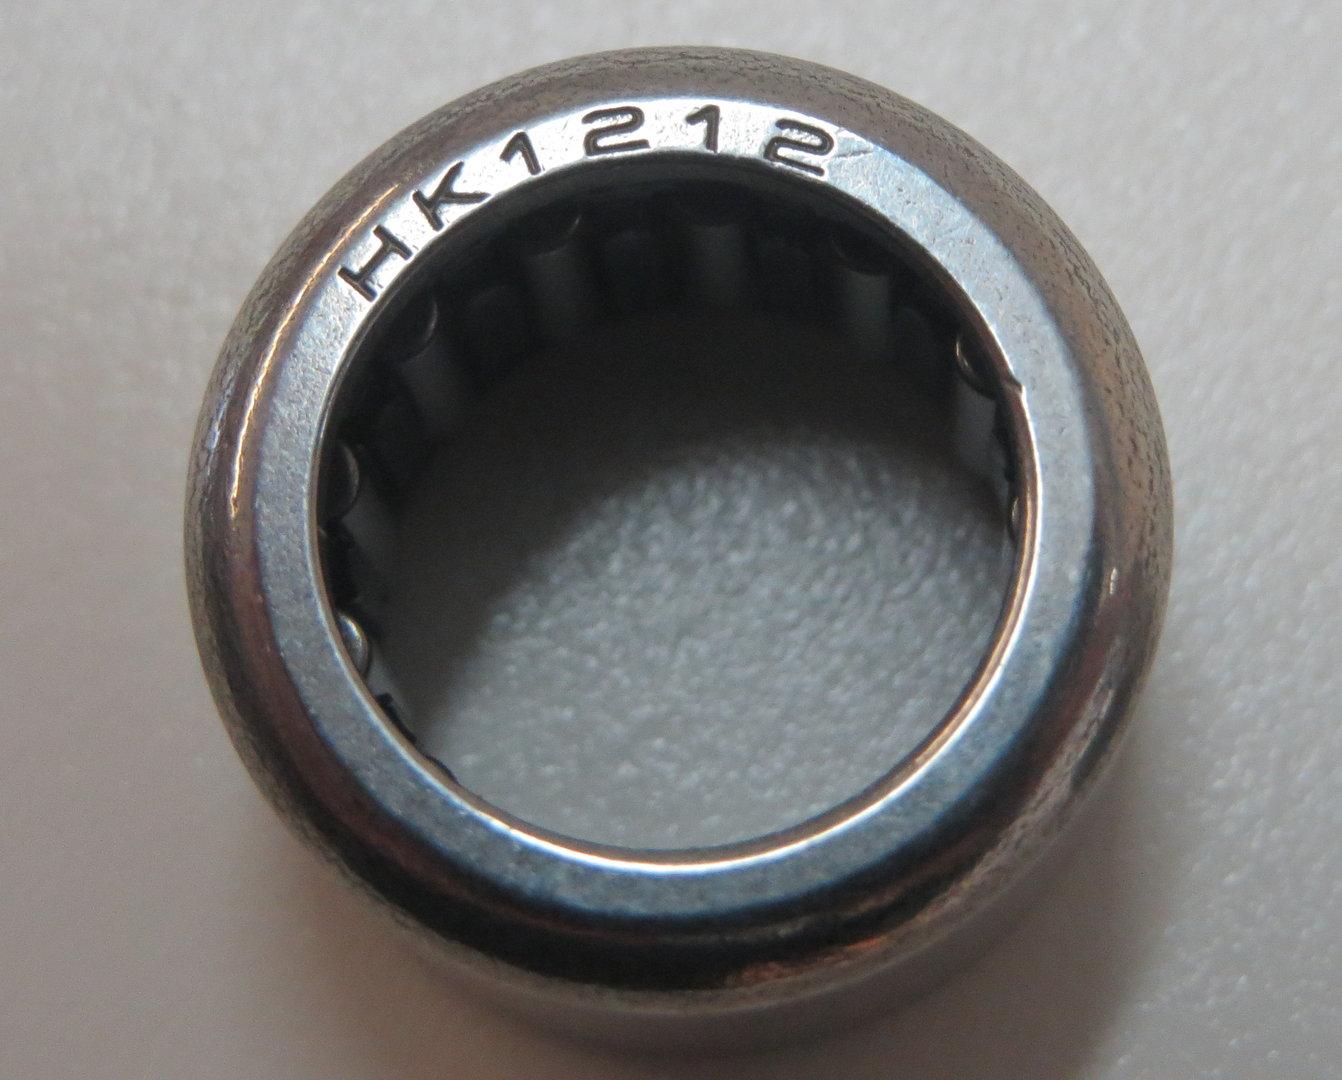 Höhe 12 mm SA12316 Außendurchmesser 18 mm Sabo Nadellager Lager